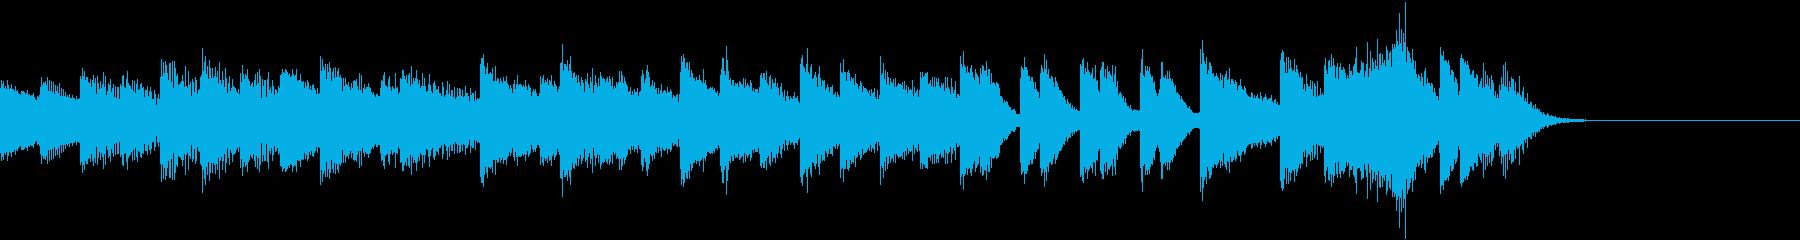 熱くてスポーティーなパワーピアノジングルの再生済みの波形